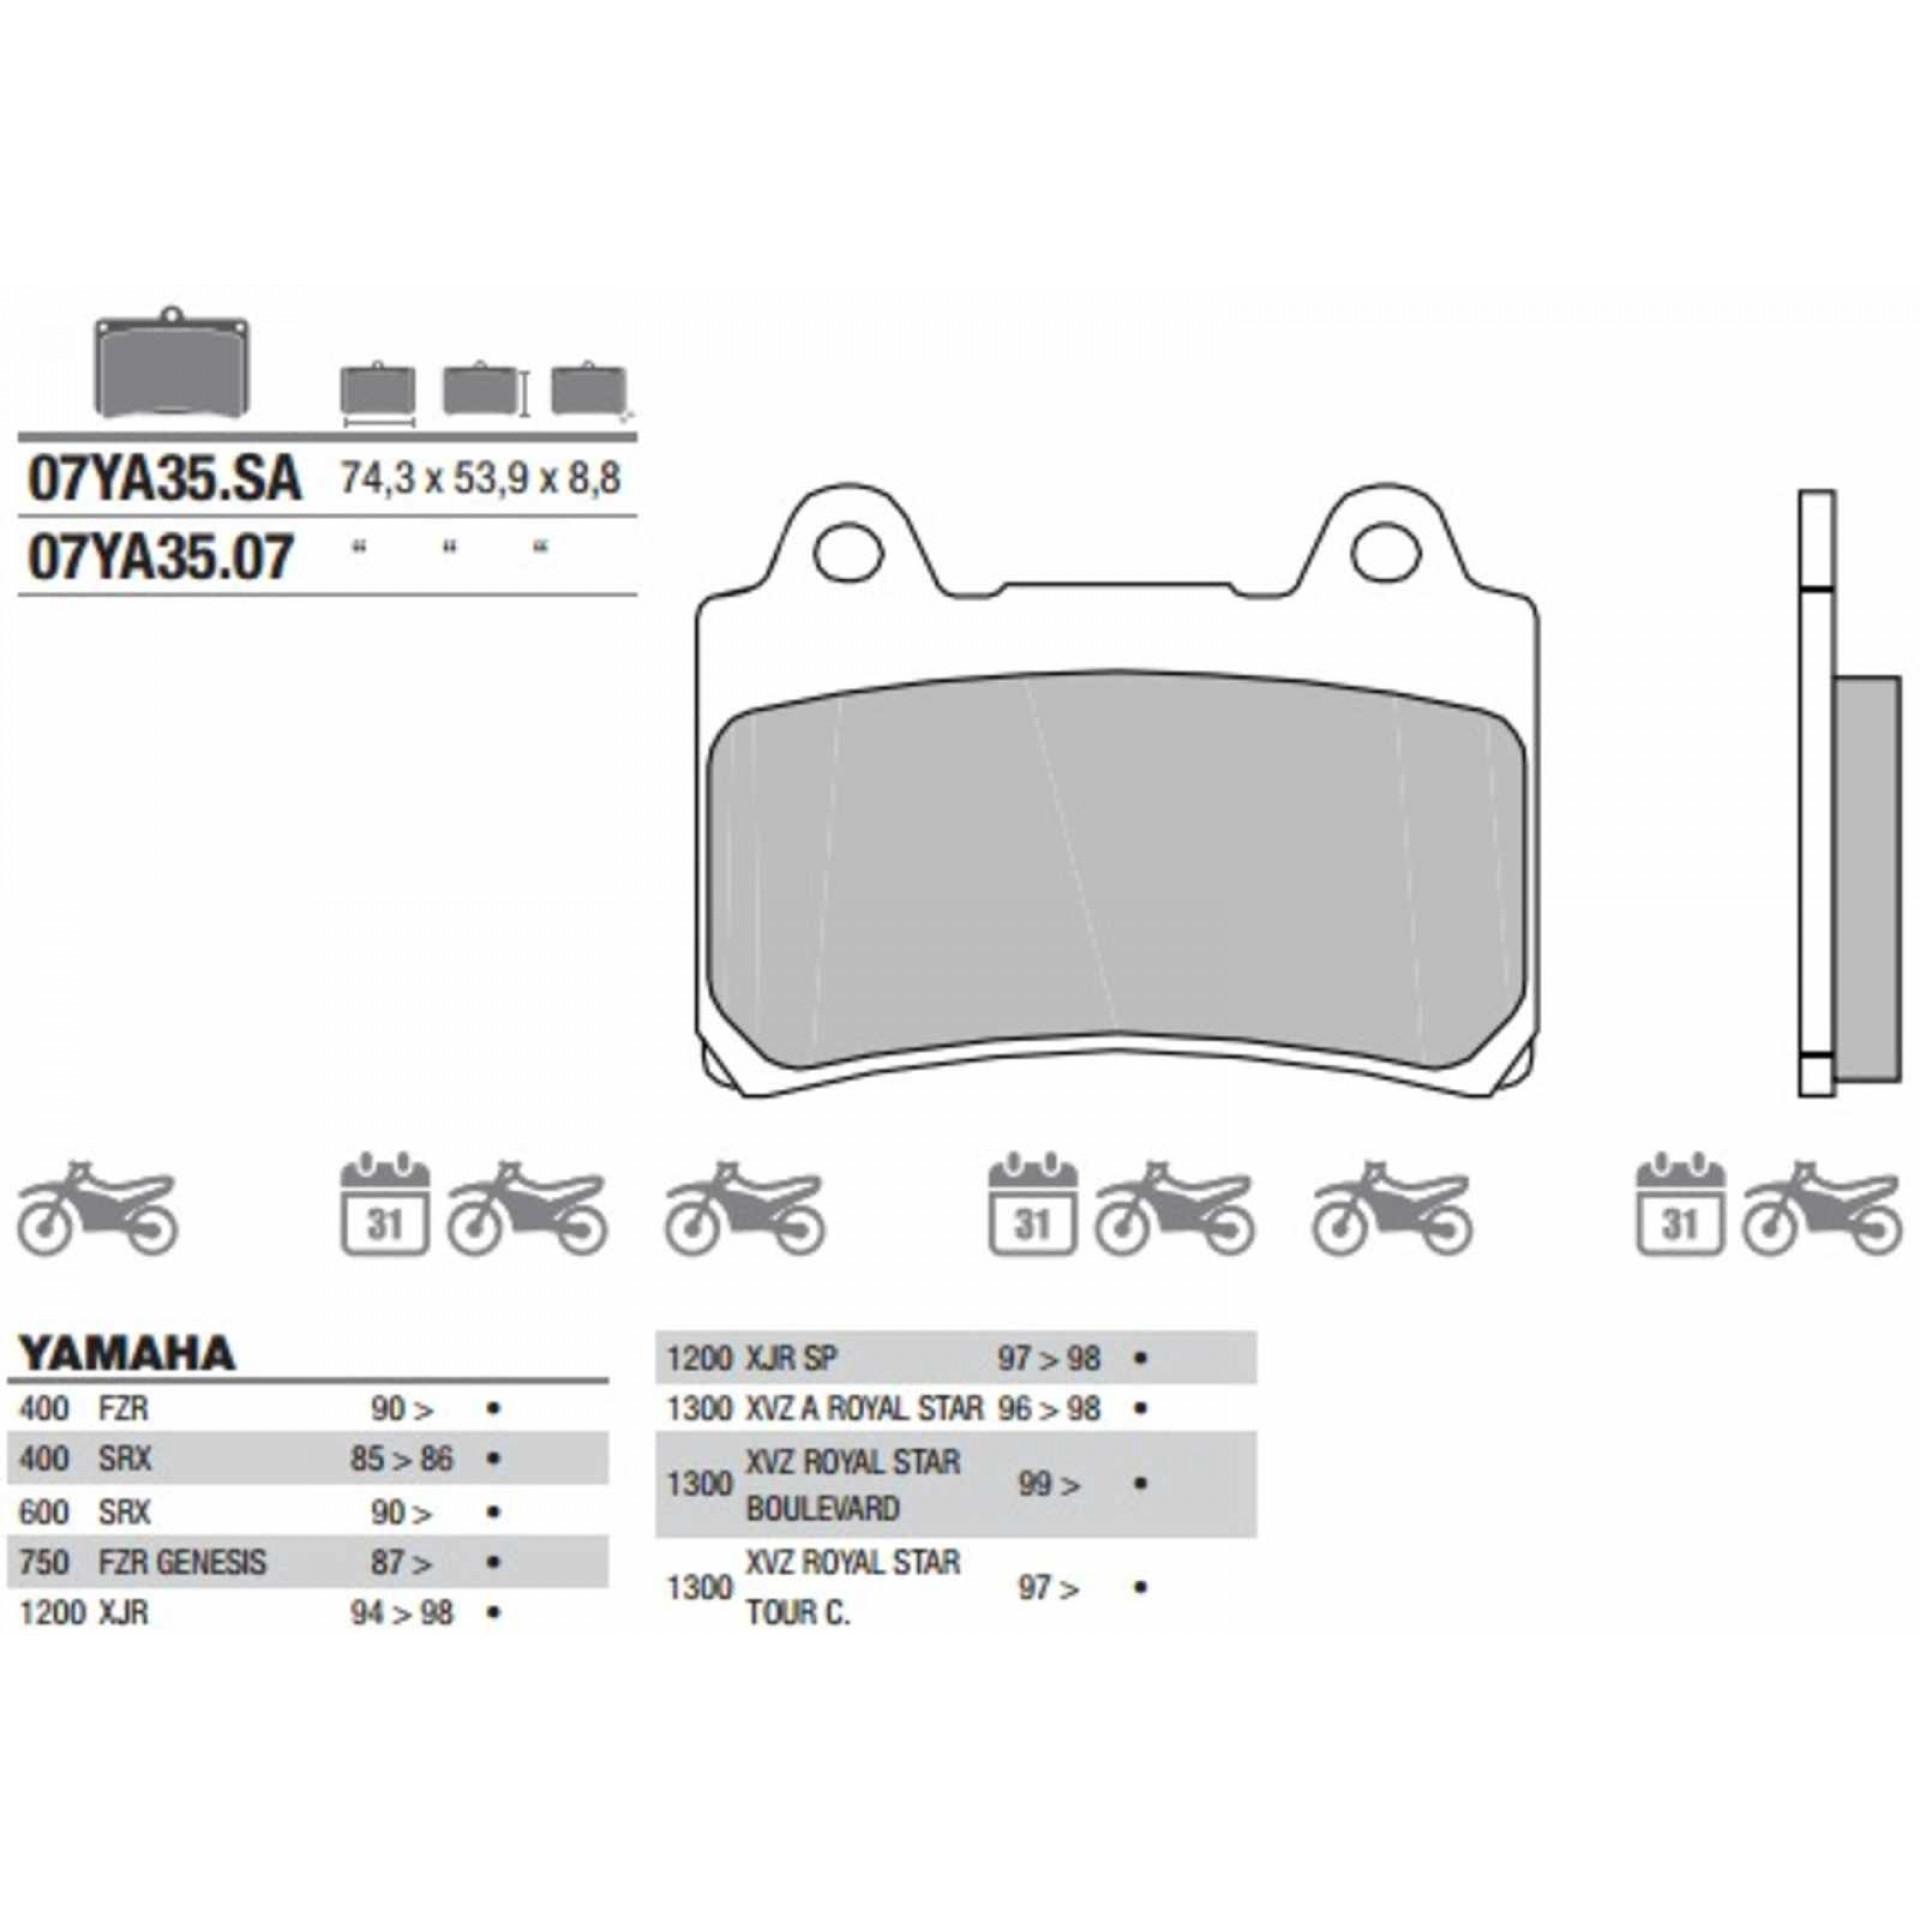 Manopole compatibili con Yamaha FZR 1000 FZR 600 FZR 400 FZR 750 stripe//grigio